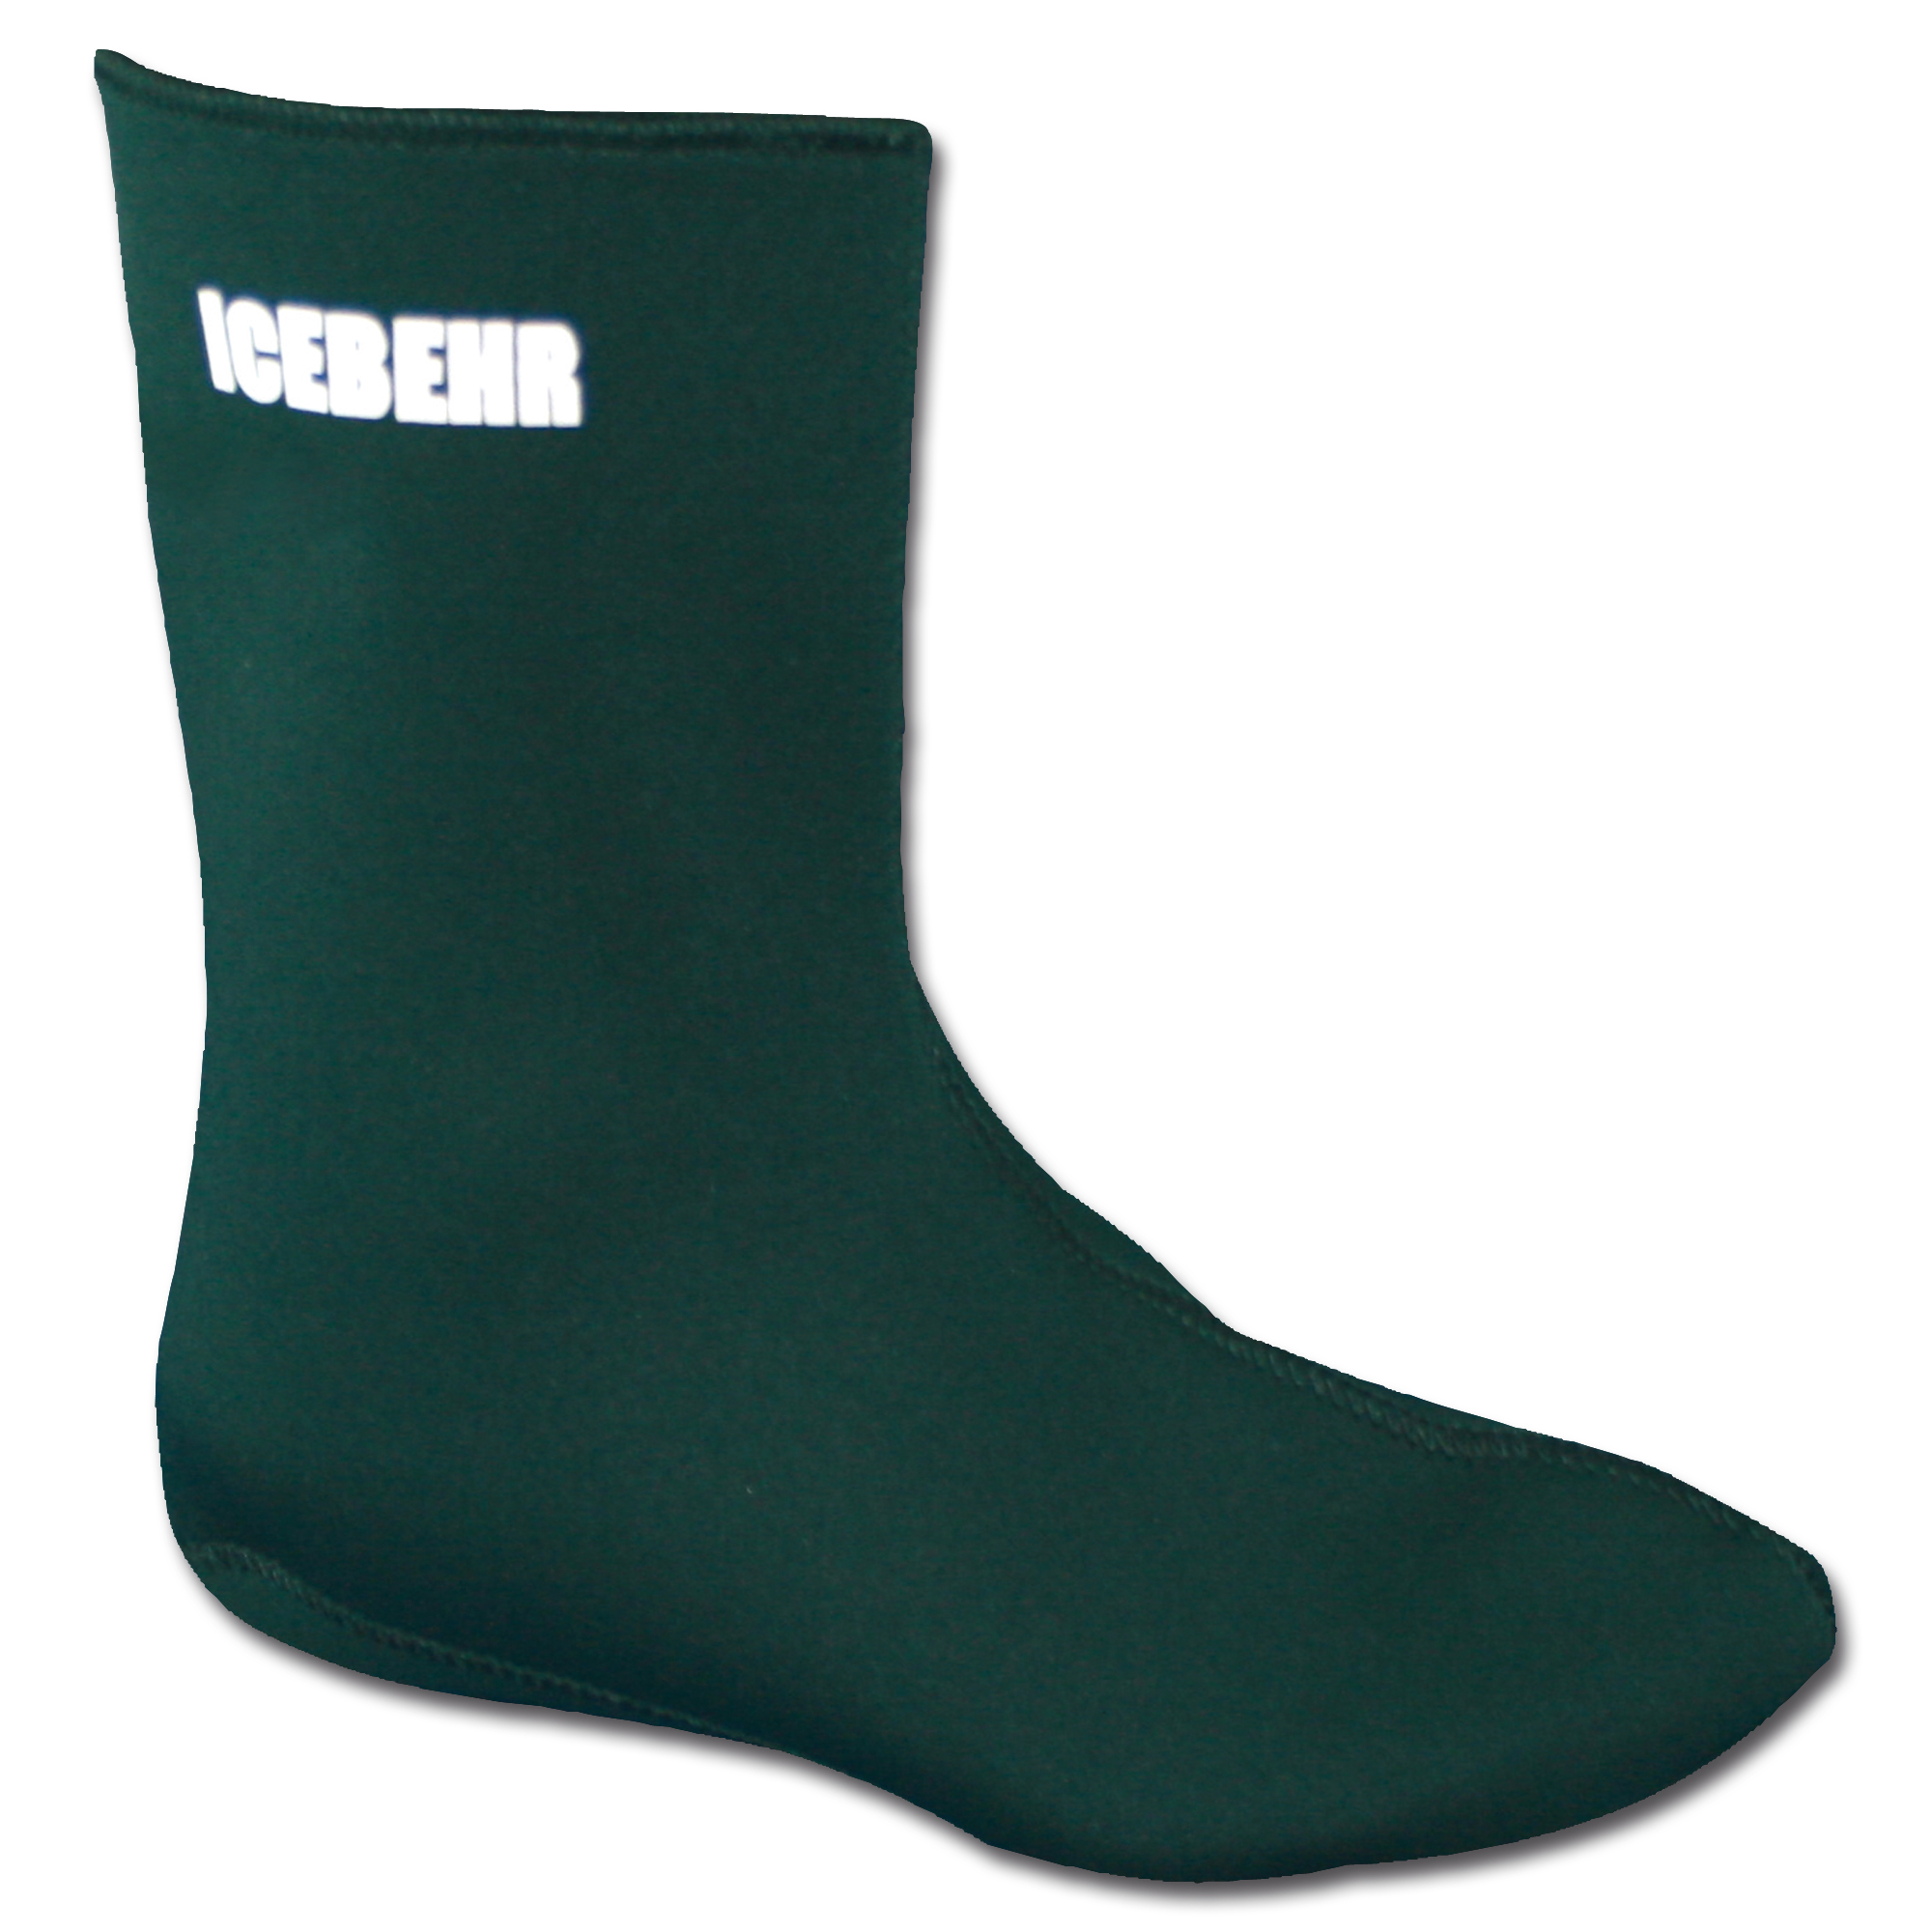 Neoprene Socks Short